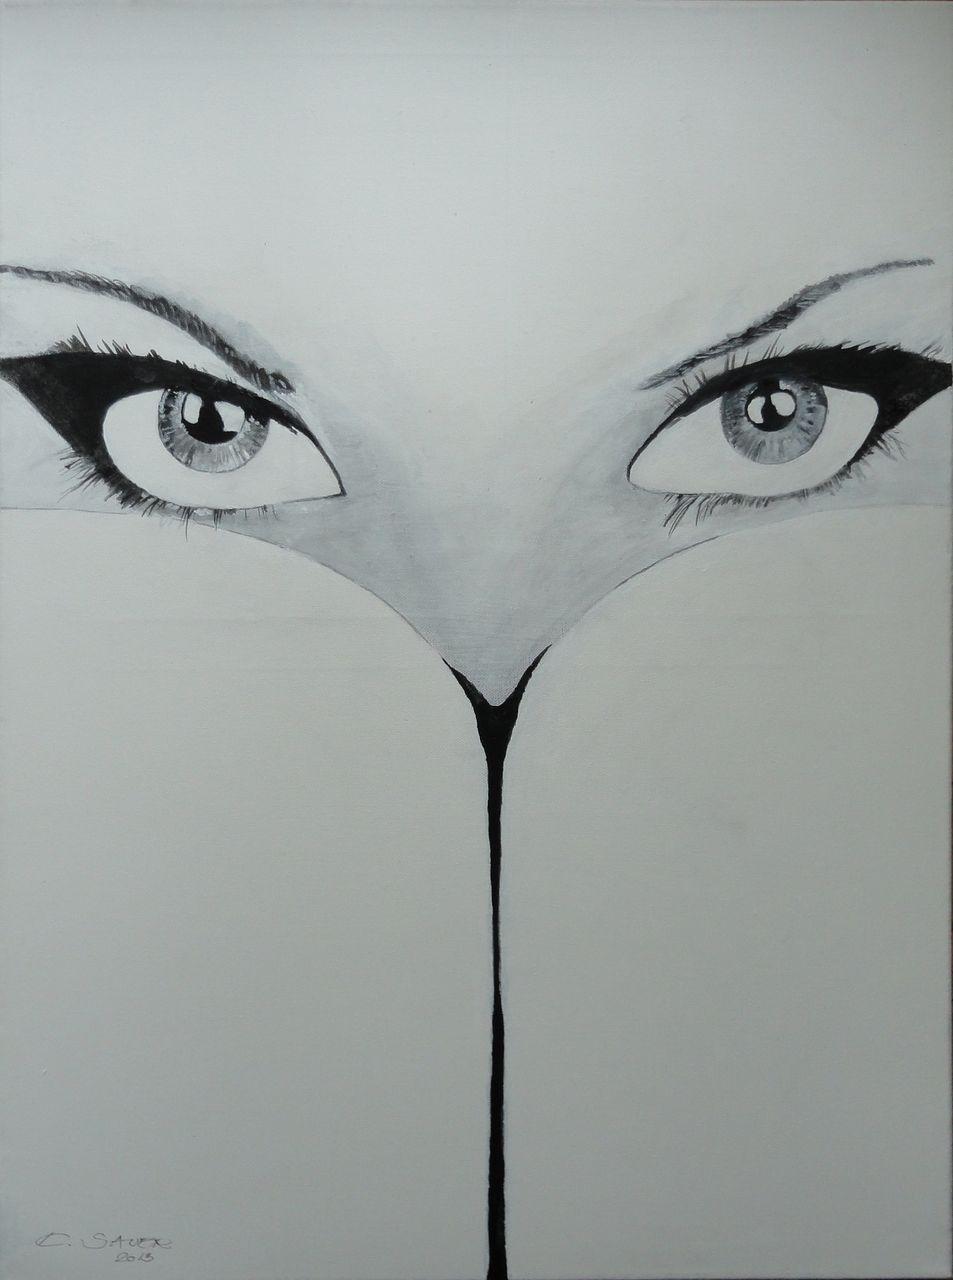 Schöne Zeichnungen bild malerei portrait zyklus menschen klaus sauer bei kunstnet